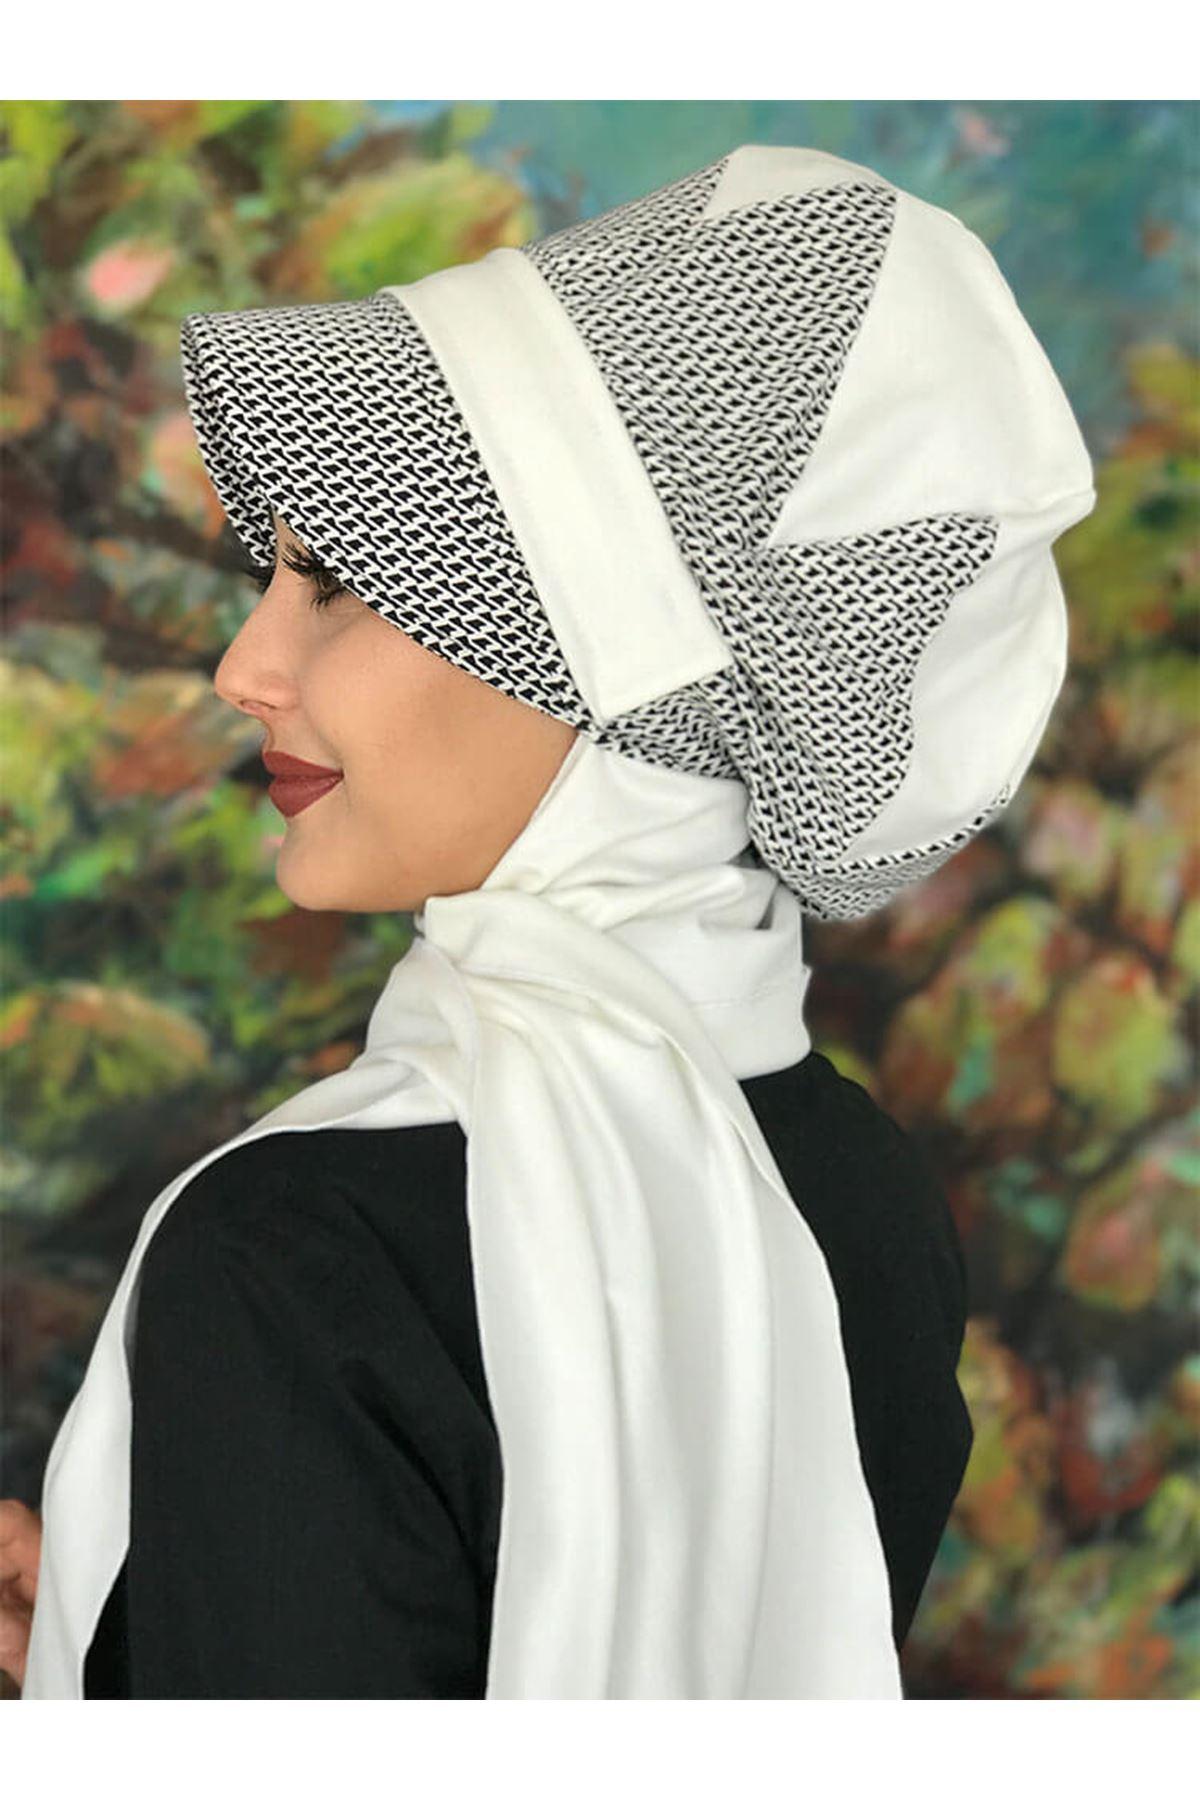 Siyah Beyaz Desenli Tokalı Çarkfelek Beyaz Atkılı Şapka